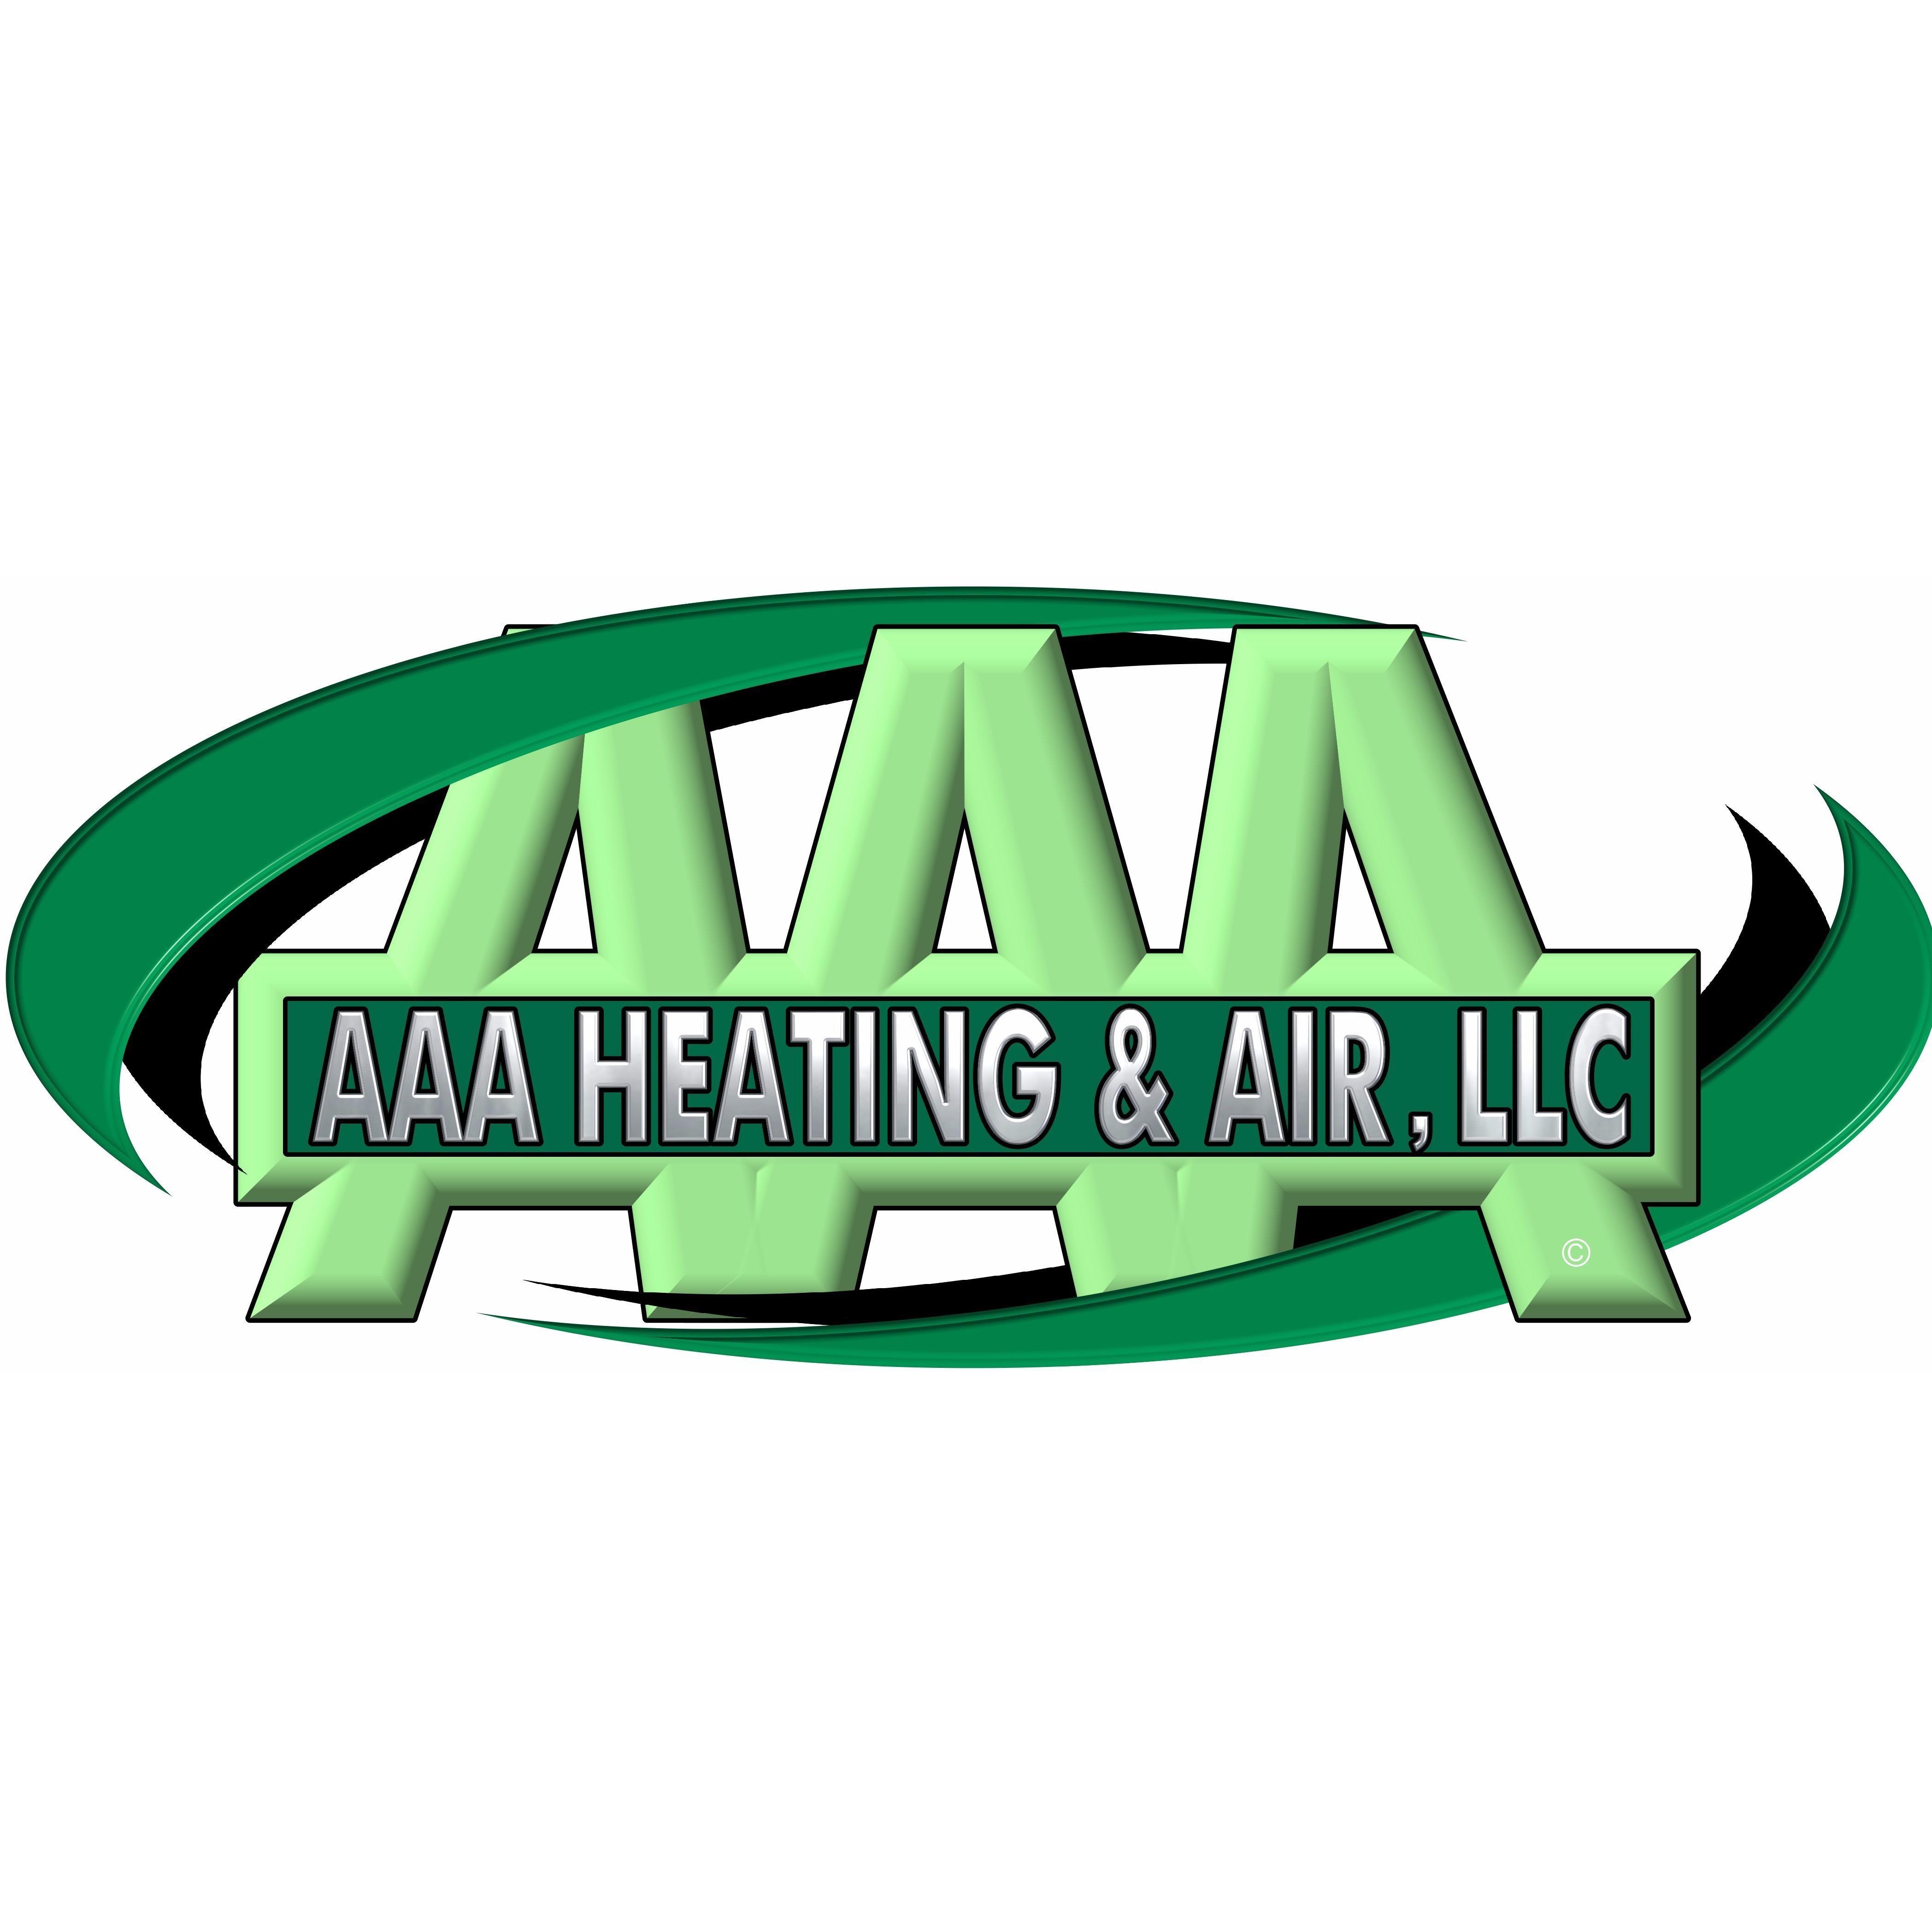 AAA Heating & Air, LLC.